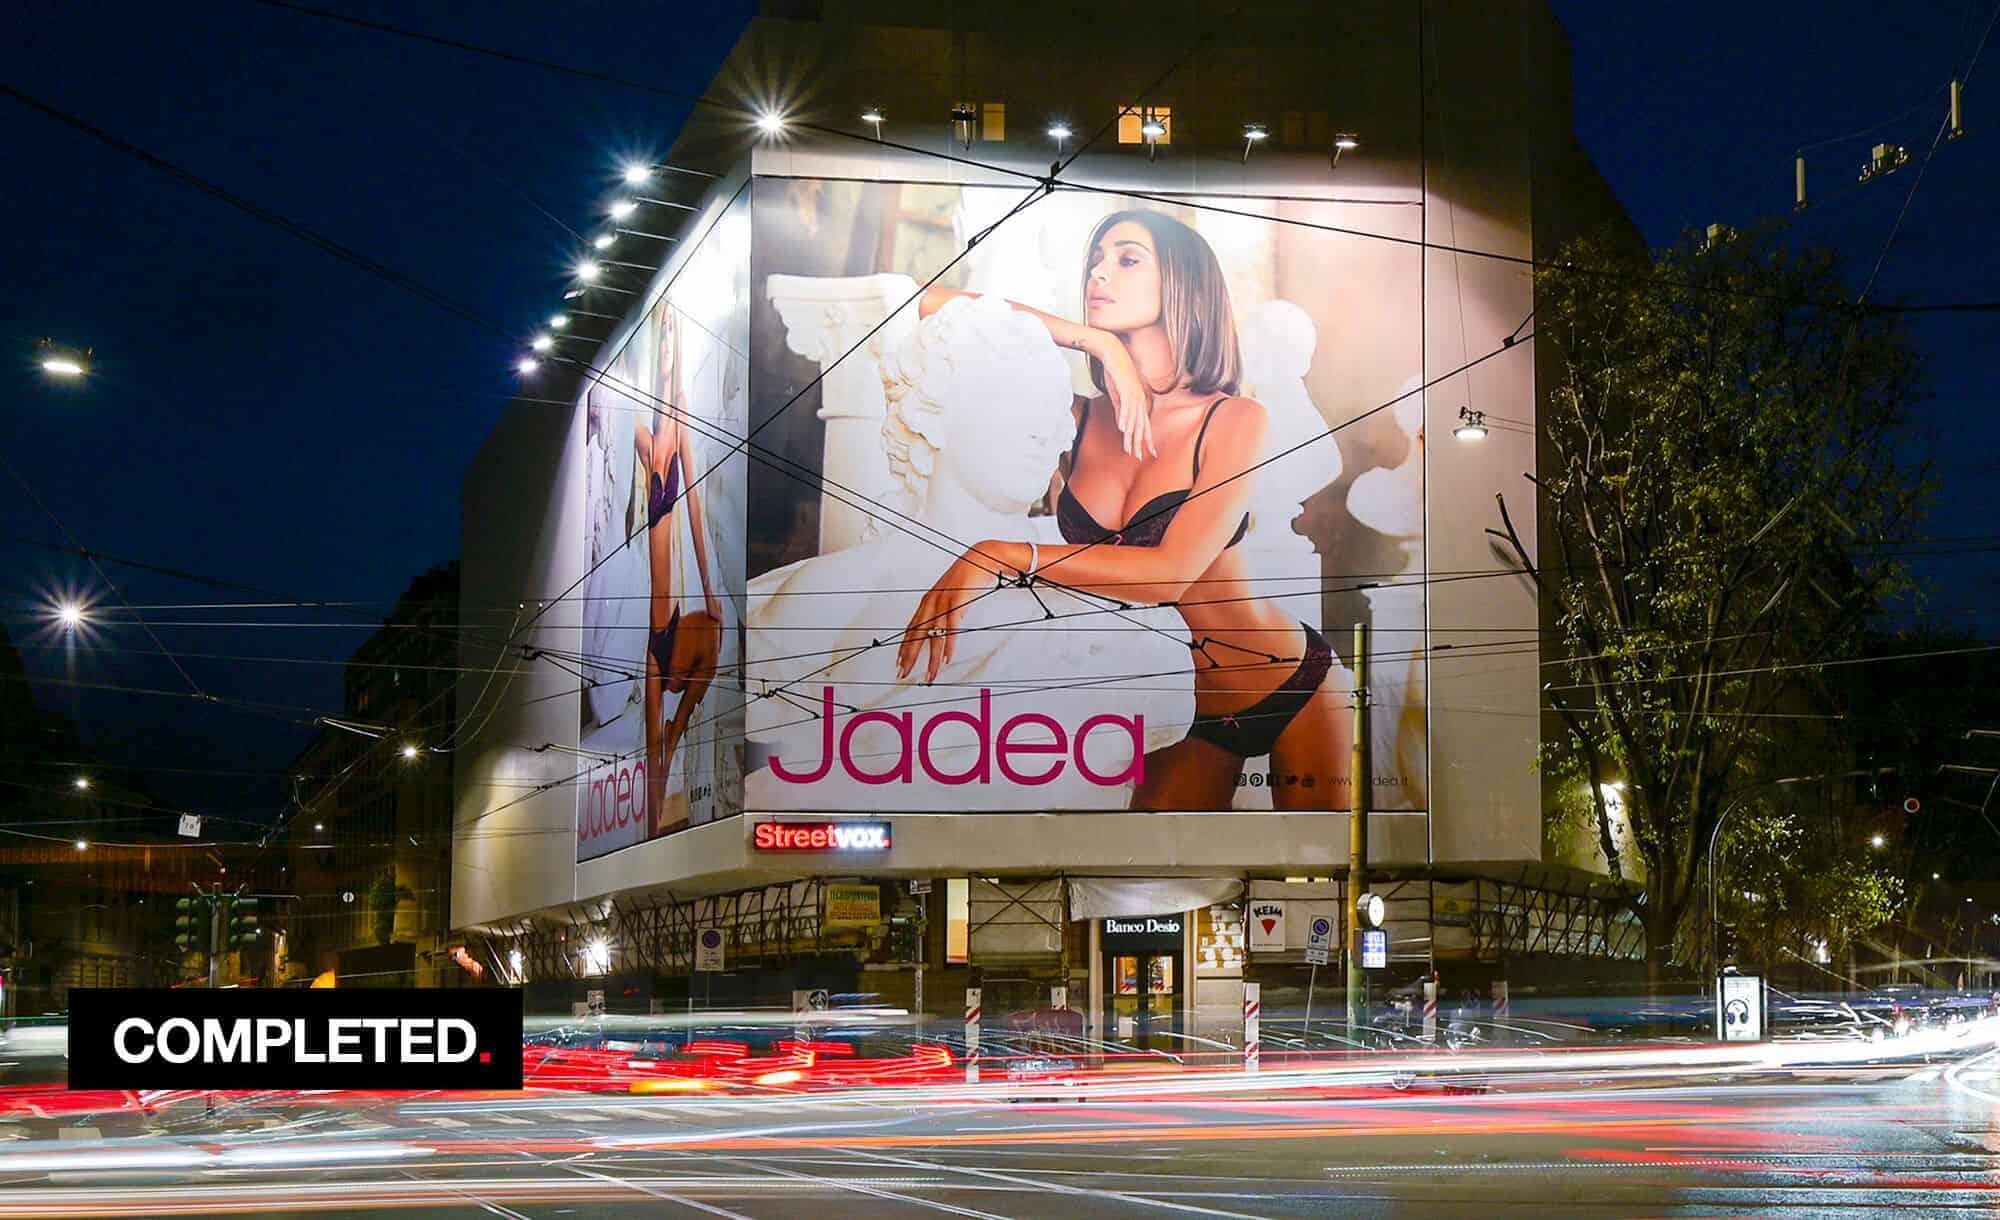 Maxi Affissione a Milano in Corso Magenta 42 con Jadea (Fashion)